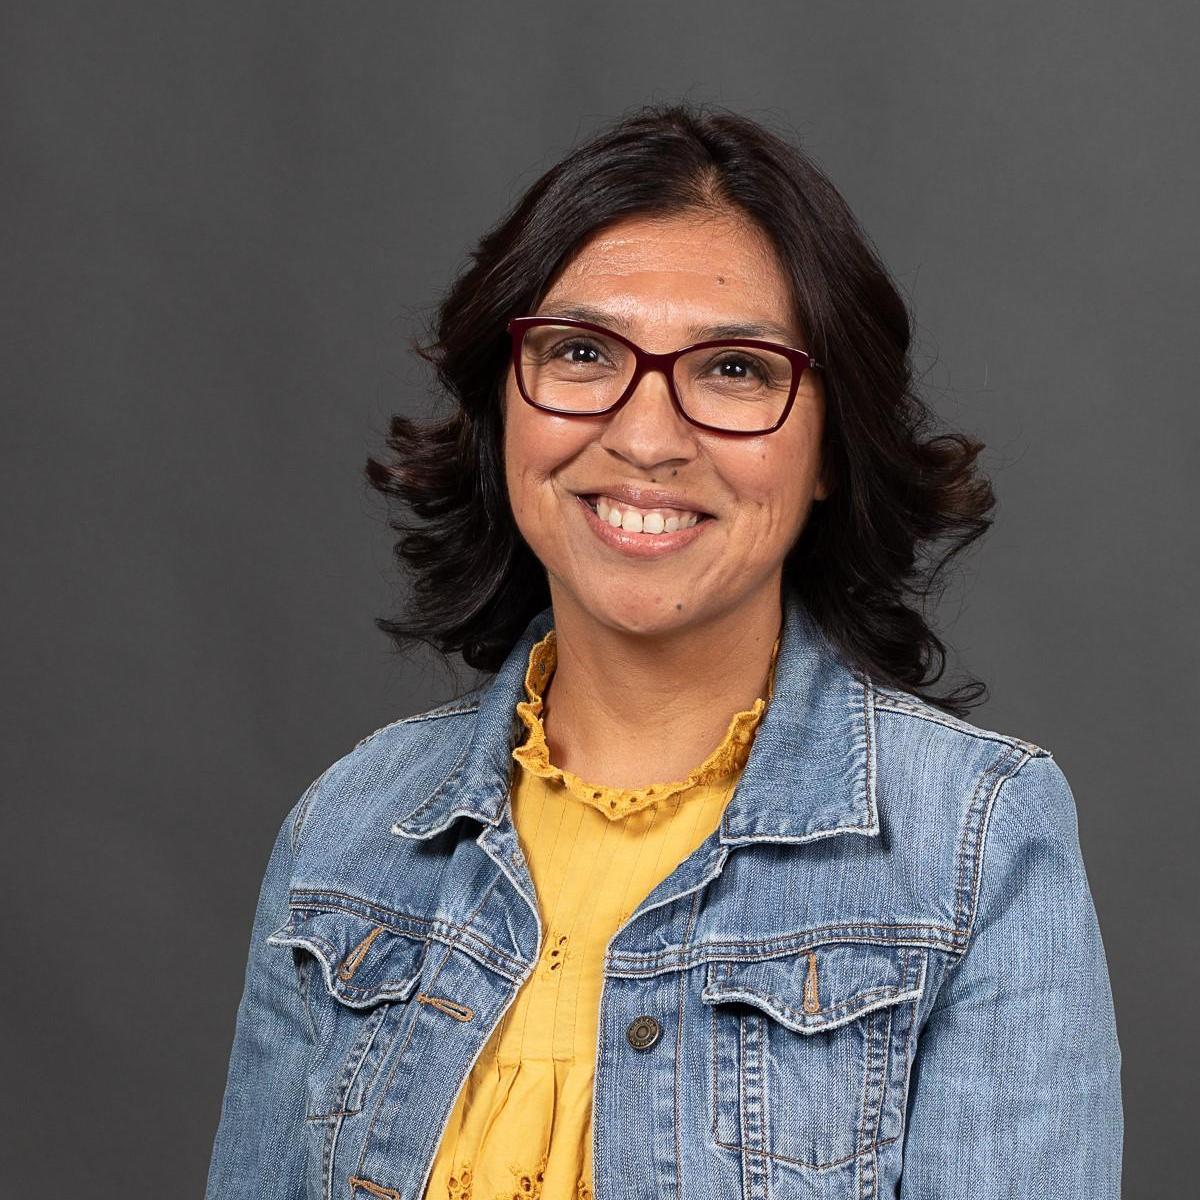 Christina Monclova's Profile Photo